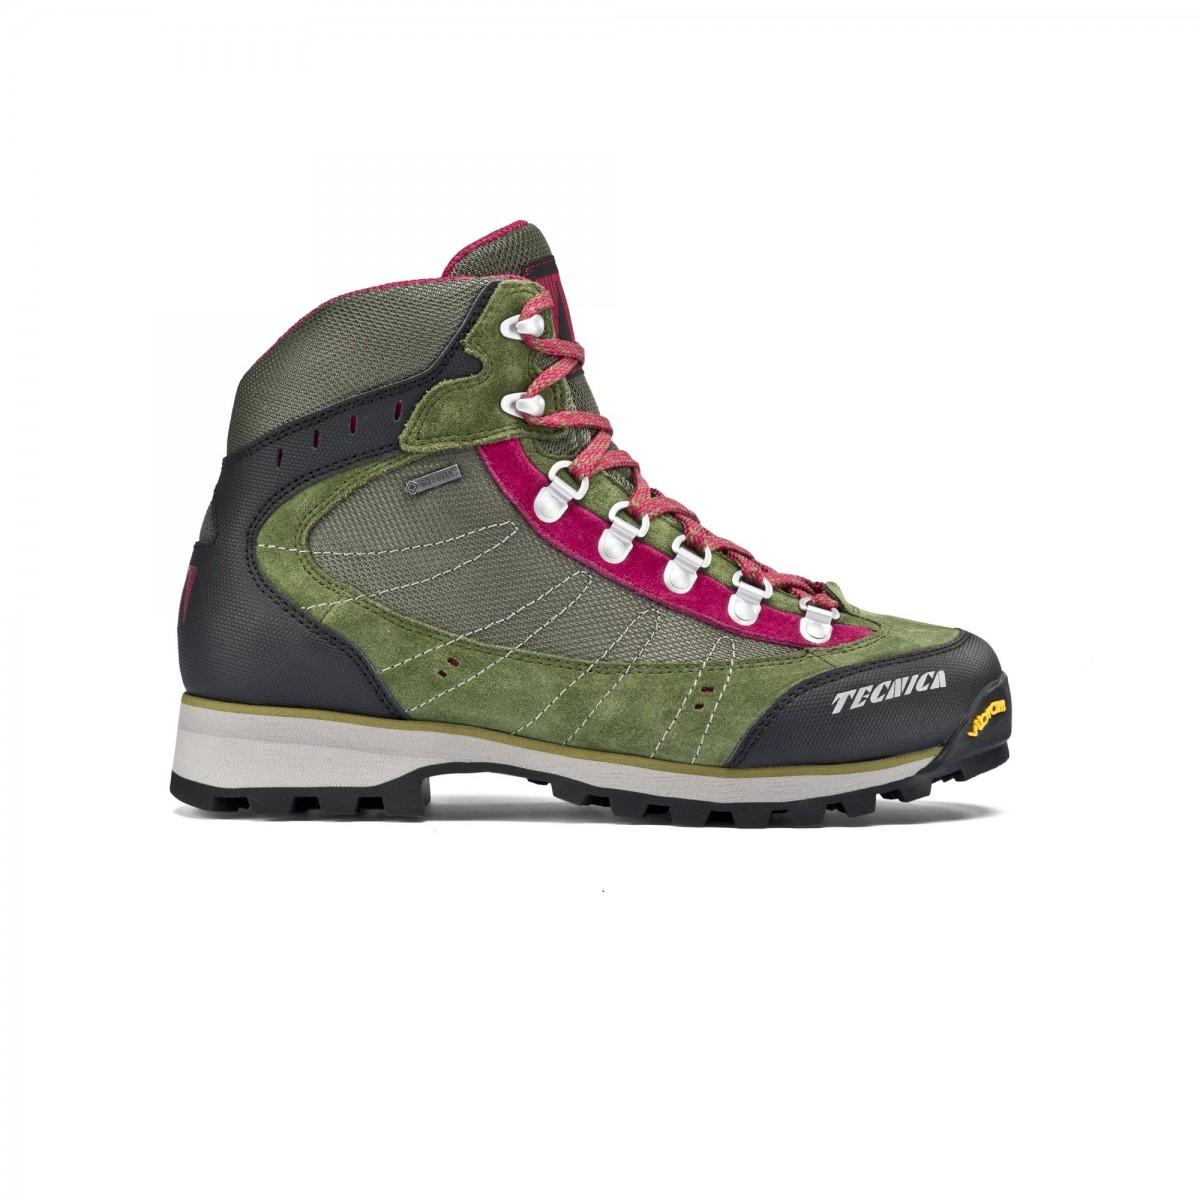 super qualità Vendita calda 2019 vendita outlet Makalu III Gtx - scarpe da trekking donna - militare/rosa